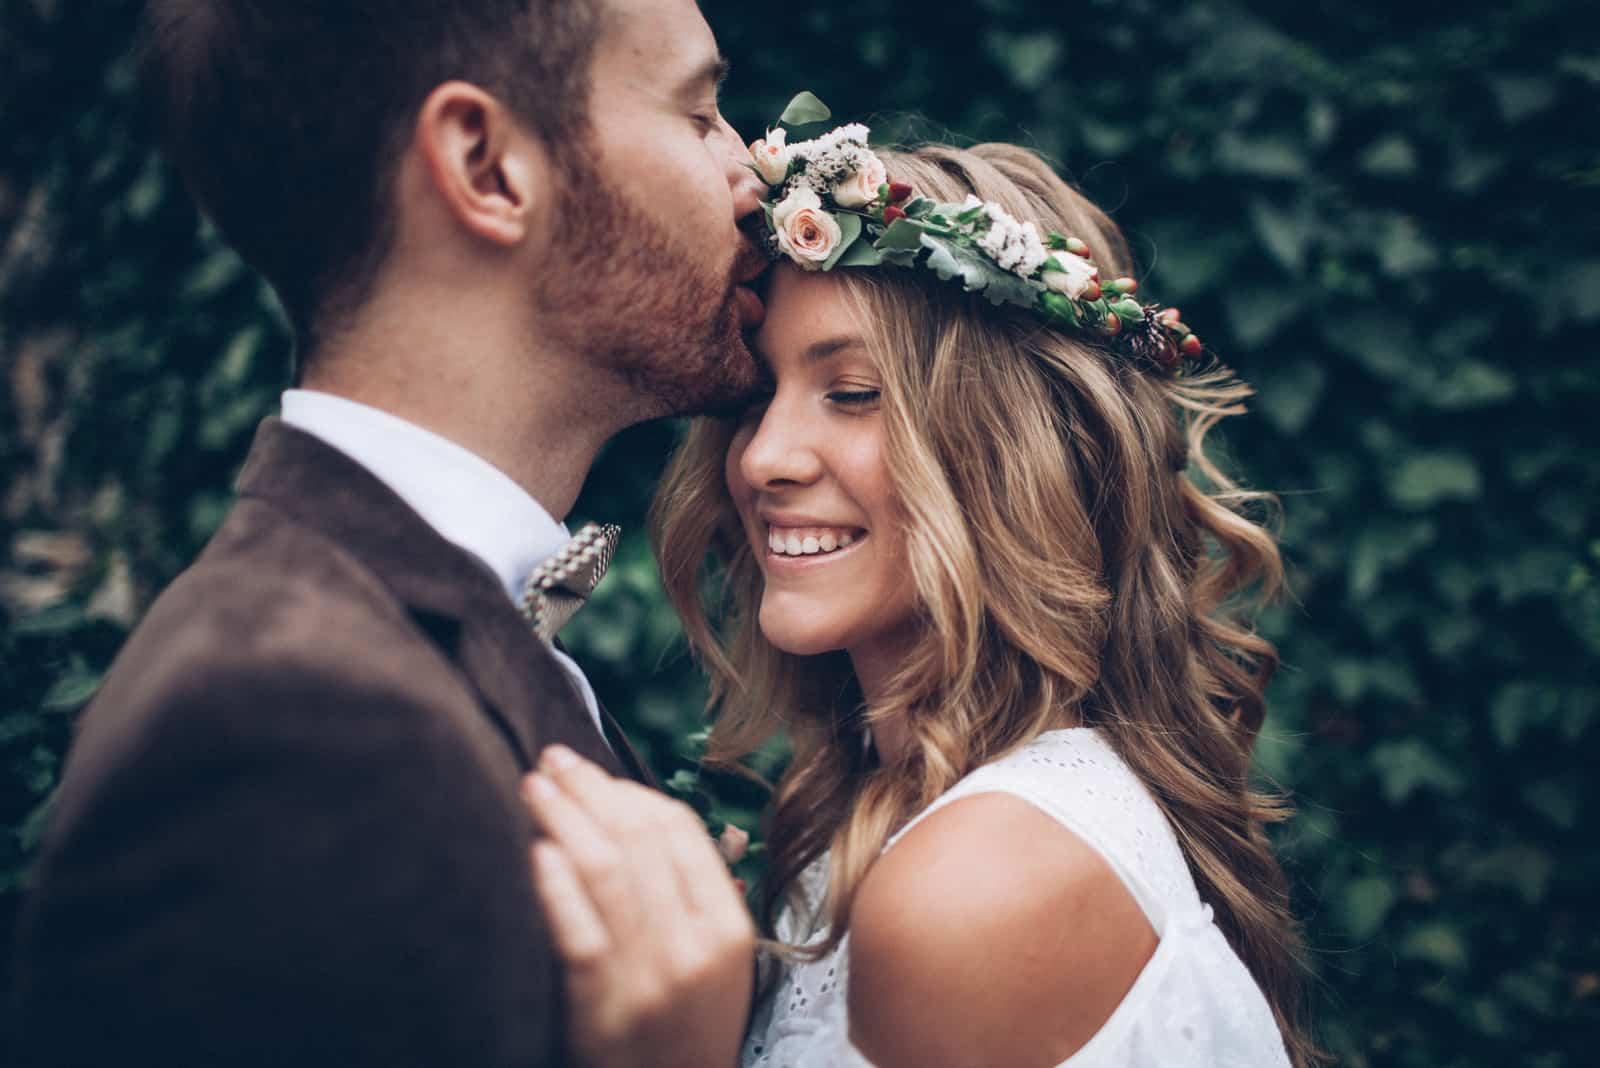 un homme embrasse une femme sur le front